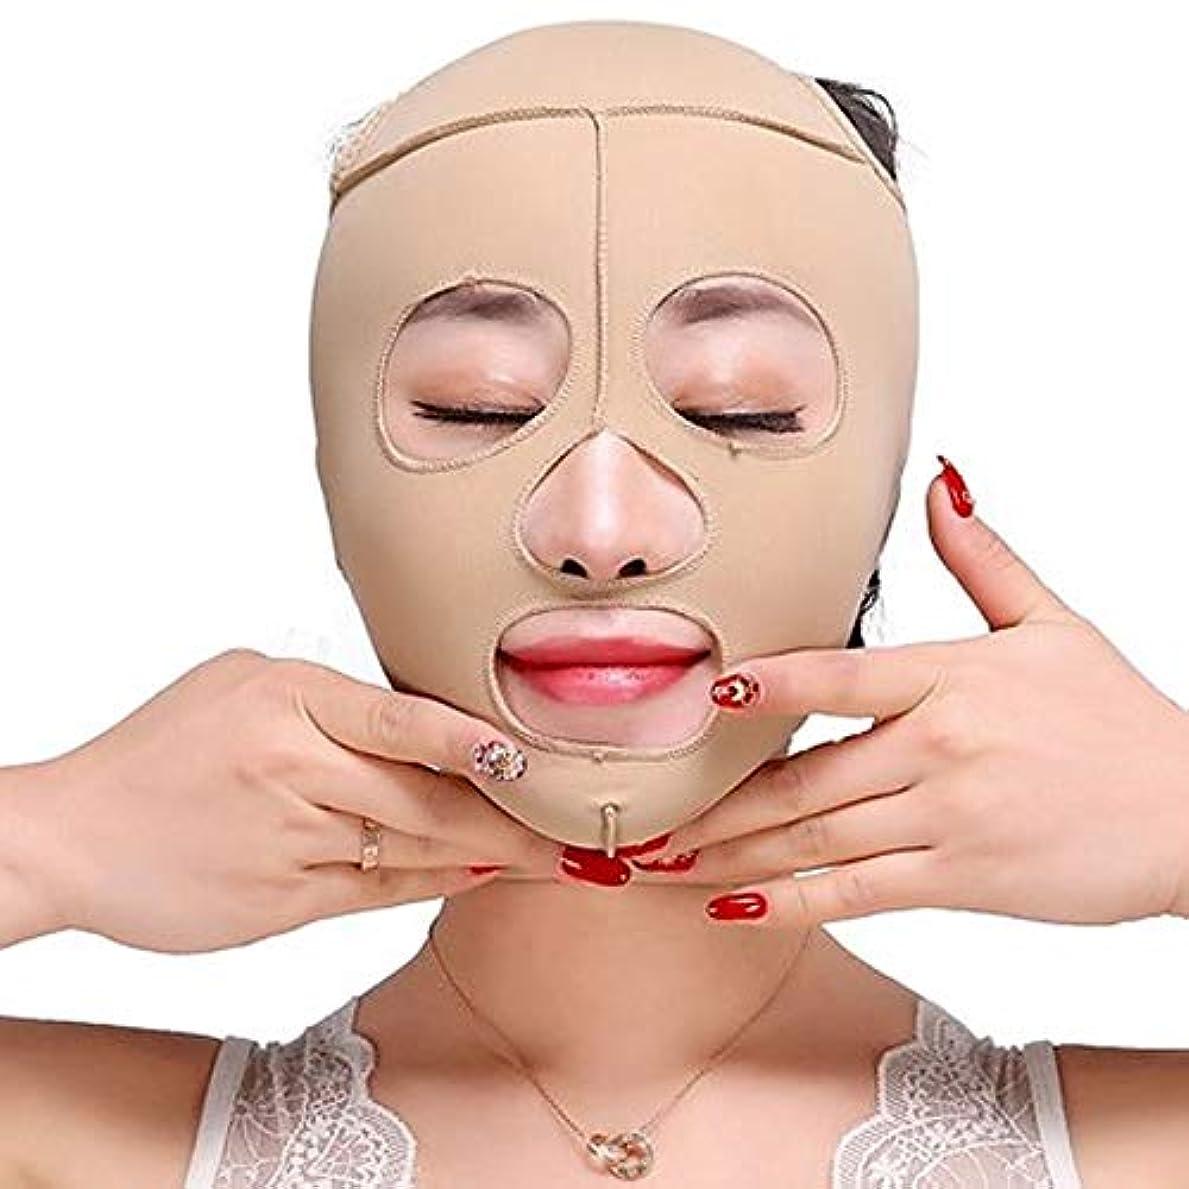 虚栄心眩惑する根絶するJia Jia- フェイスリフティングアーティファクト睡眠薄い顔顔の顔薄い顔V顔マスク二重あご薄い顔包帯肌色 顔面包帯 (サイズ さいず : XL)